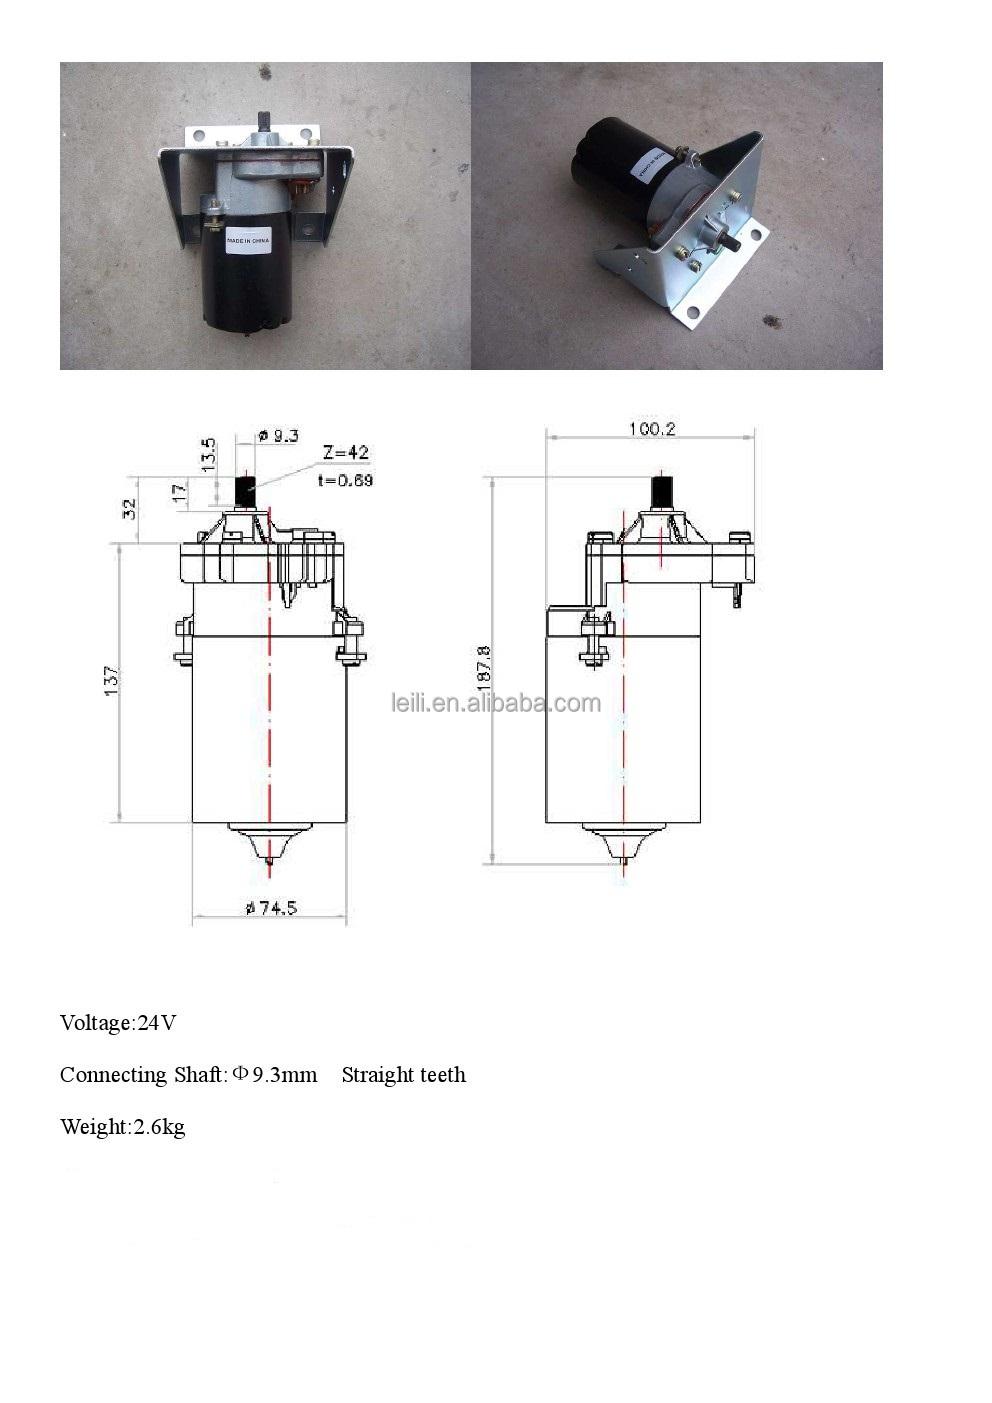 Zd2430/zd1430 12v Wiper Motor